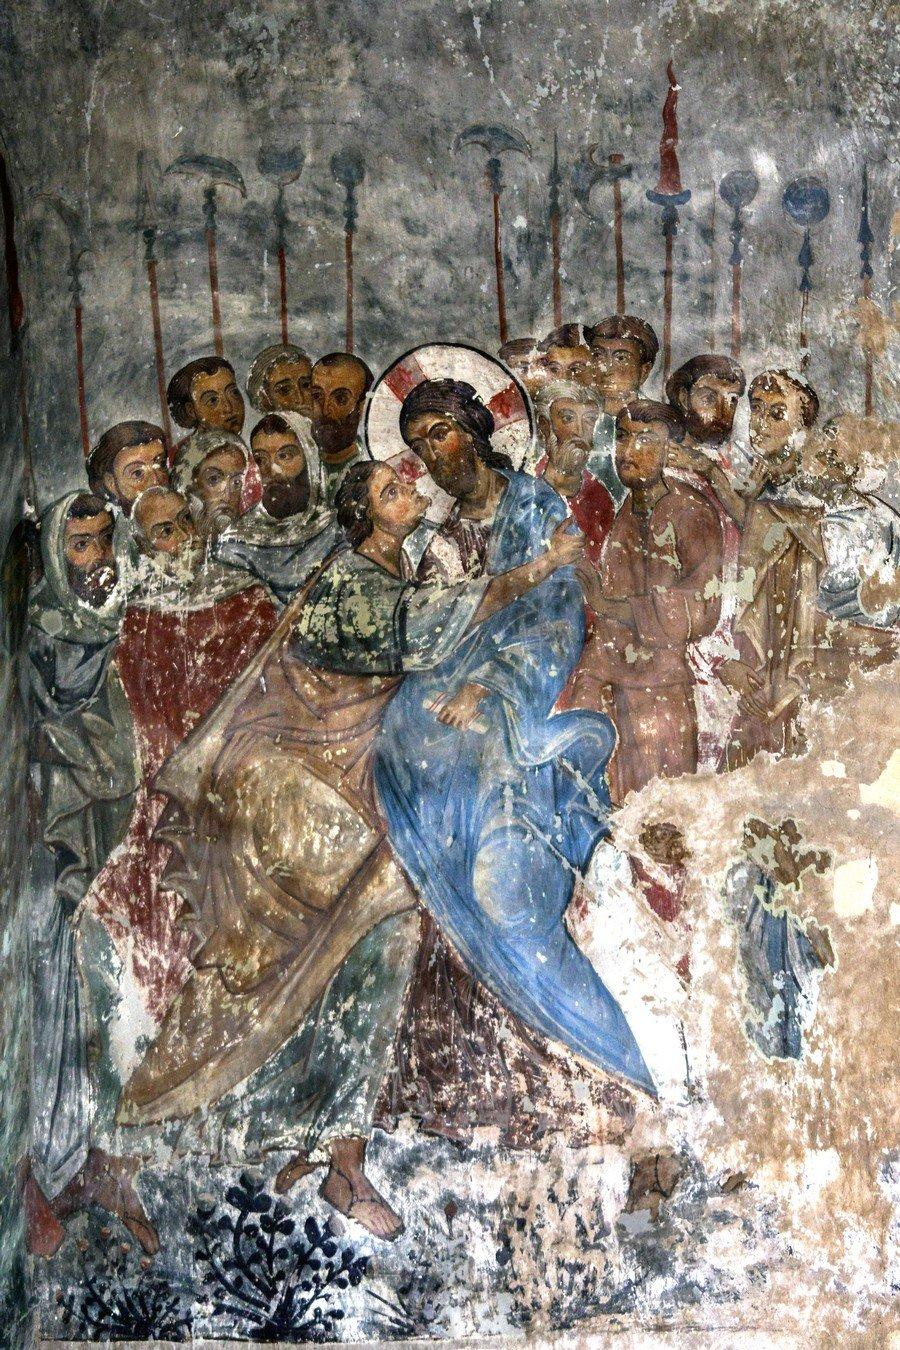 Поцелуй Иуды. Фреска храма Святого Саввы в монастыре Сапара, Грузия. Начало XIV века.